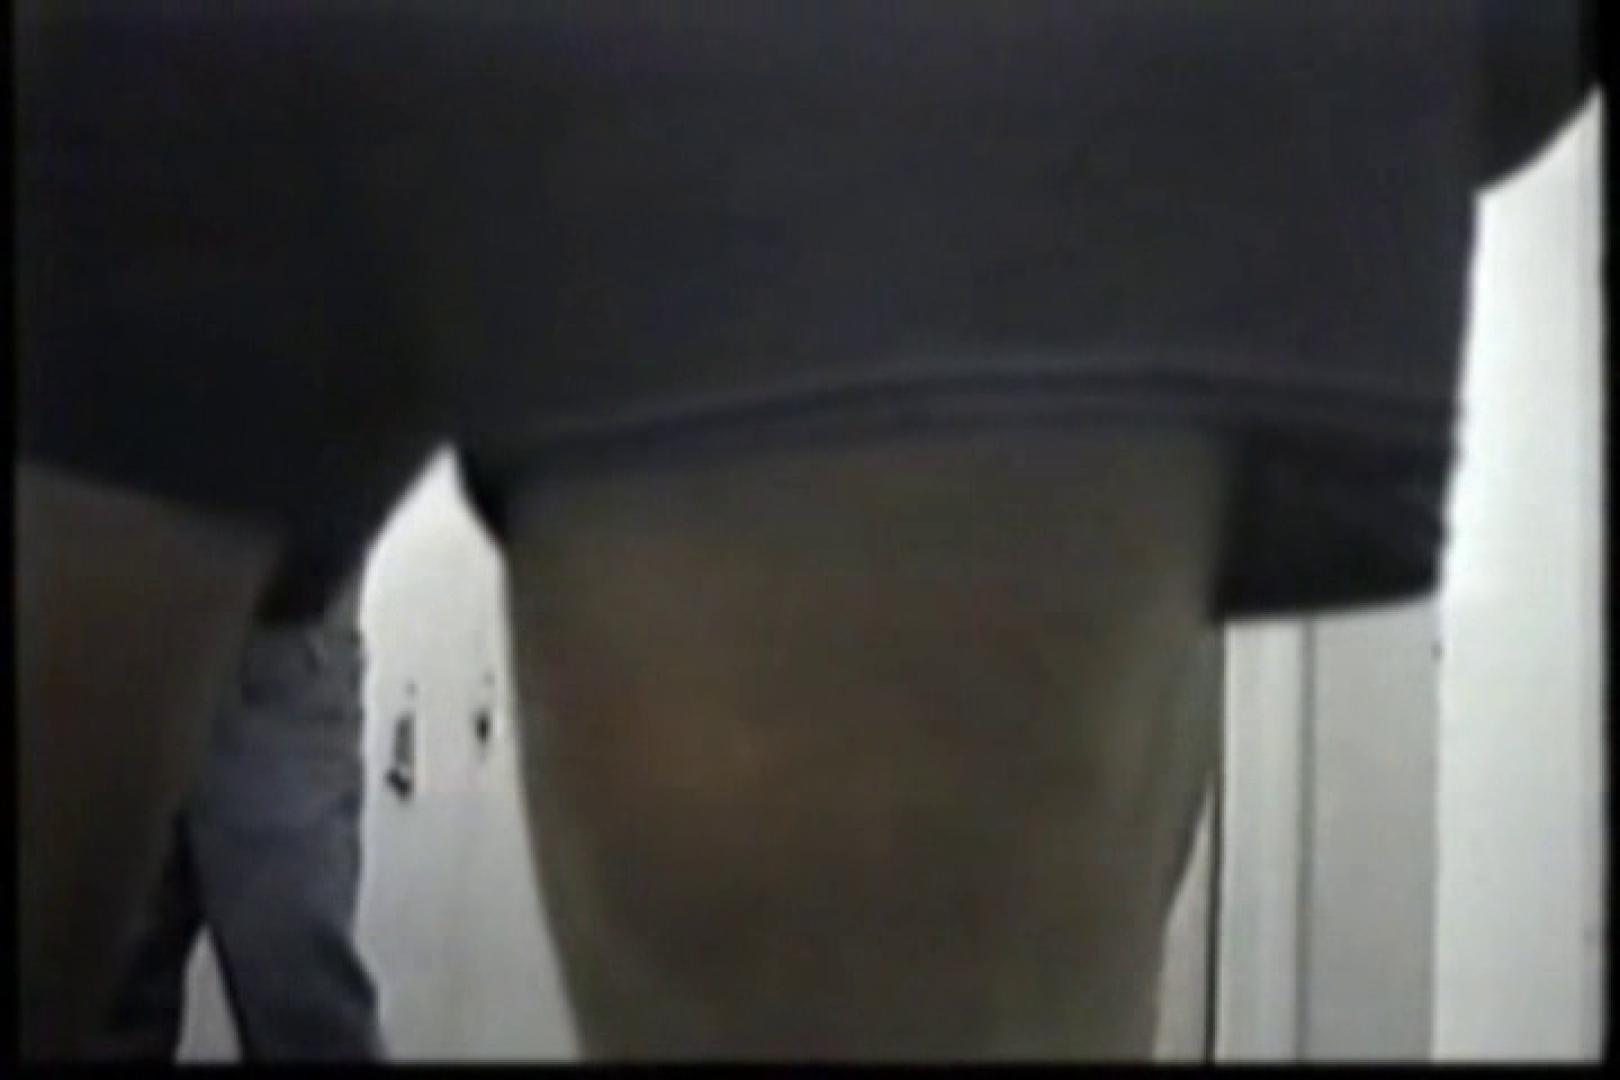 洋人さんの脱衣所を覗いてみました。VOL.8 ガチムチマッチョ系メンズ  13画像 4